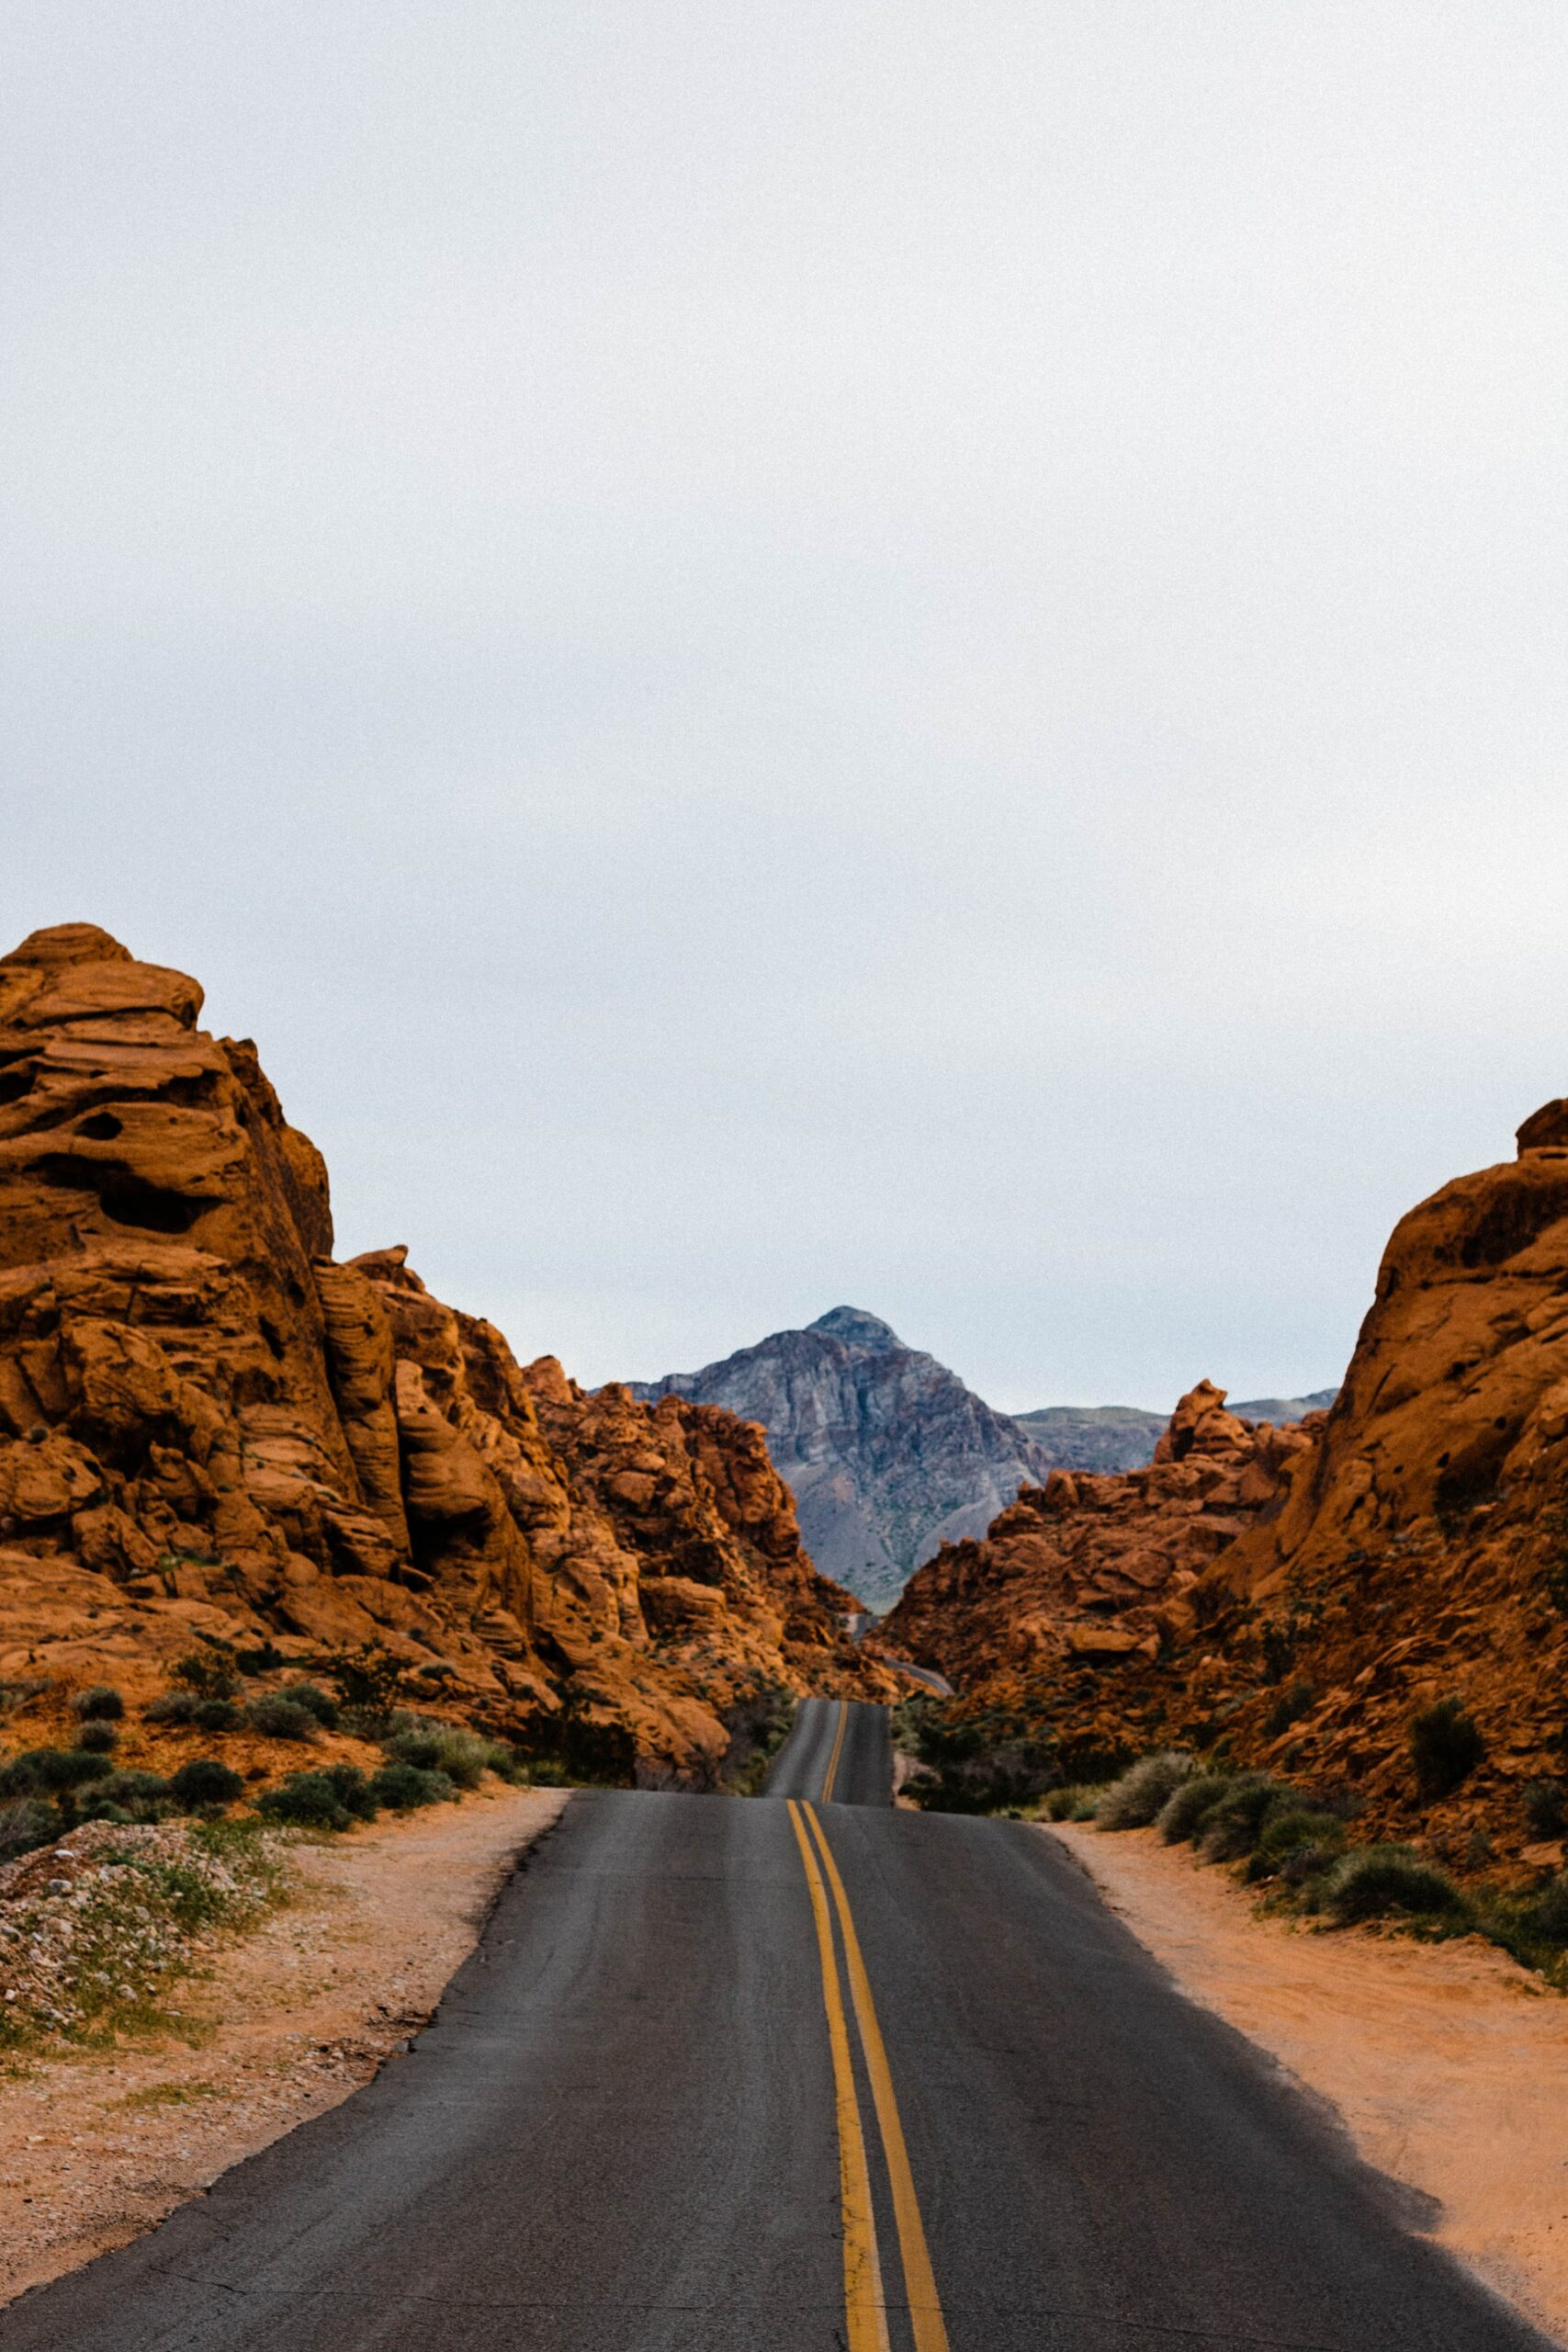 Road Trip Western USA